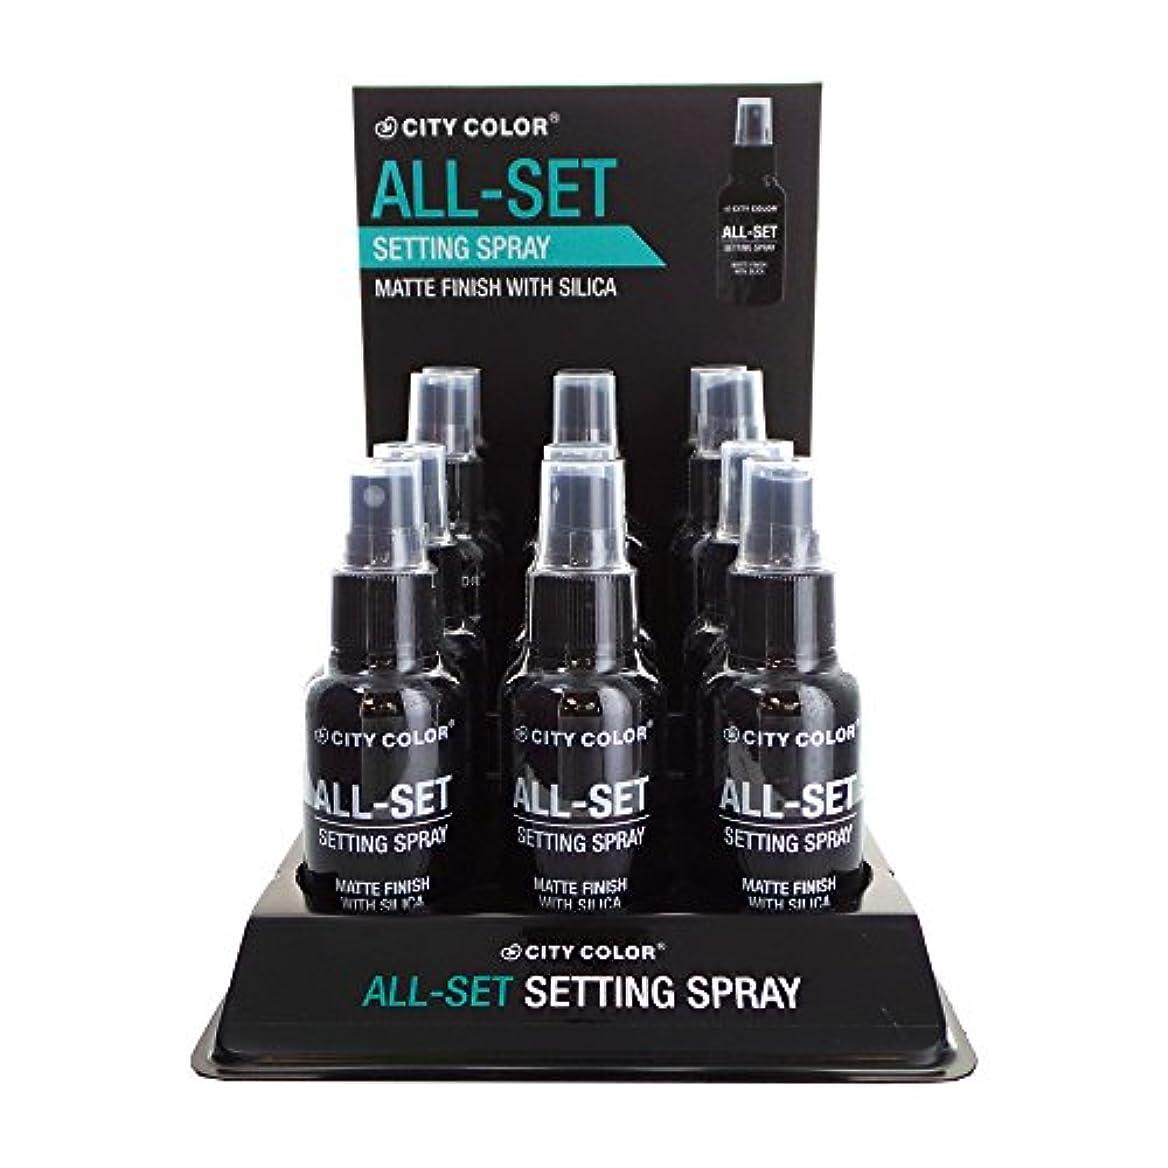 ラブ明示的に同一性CITY COLOR All-Set Setting Spray Display Set, 12 Pieces (並行輸入品)